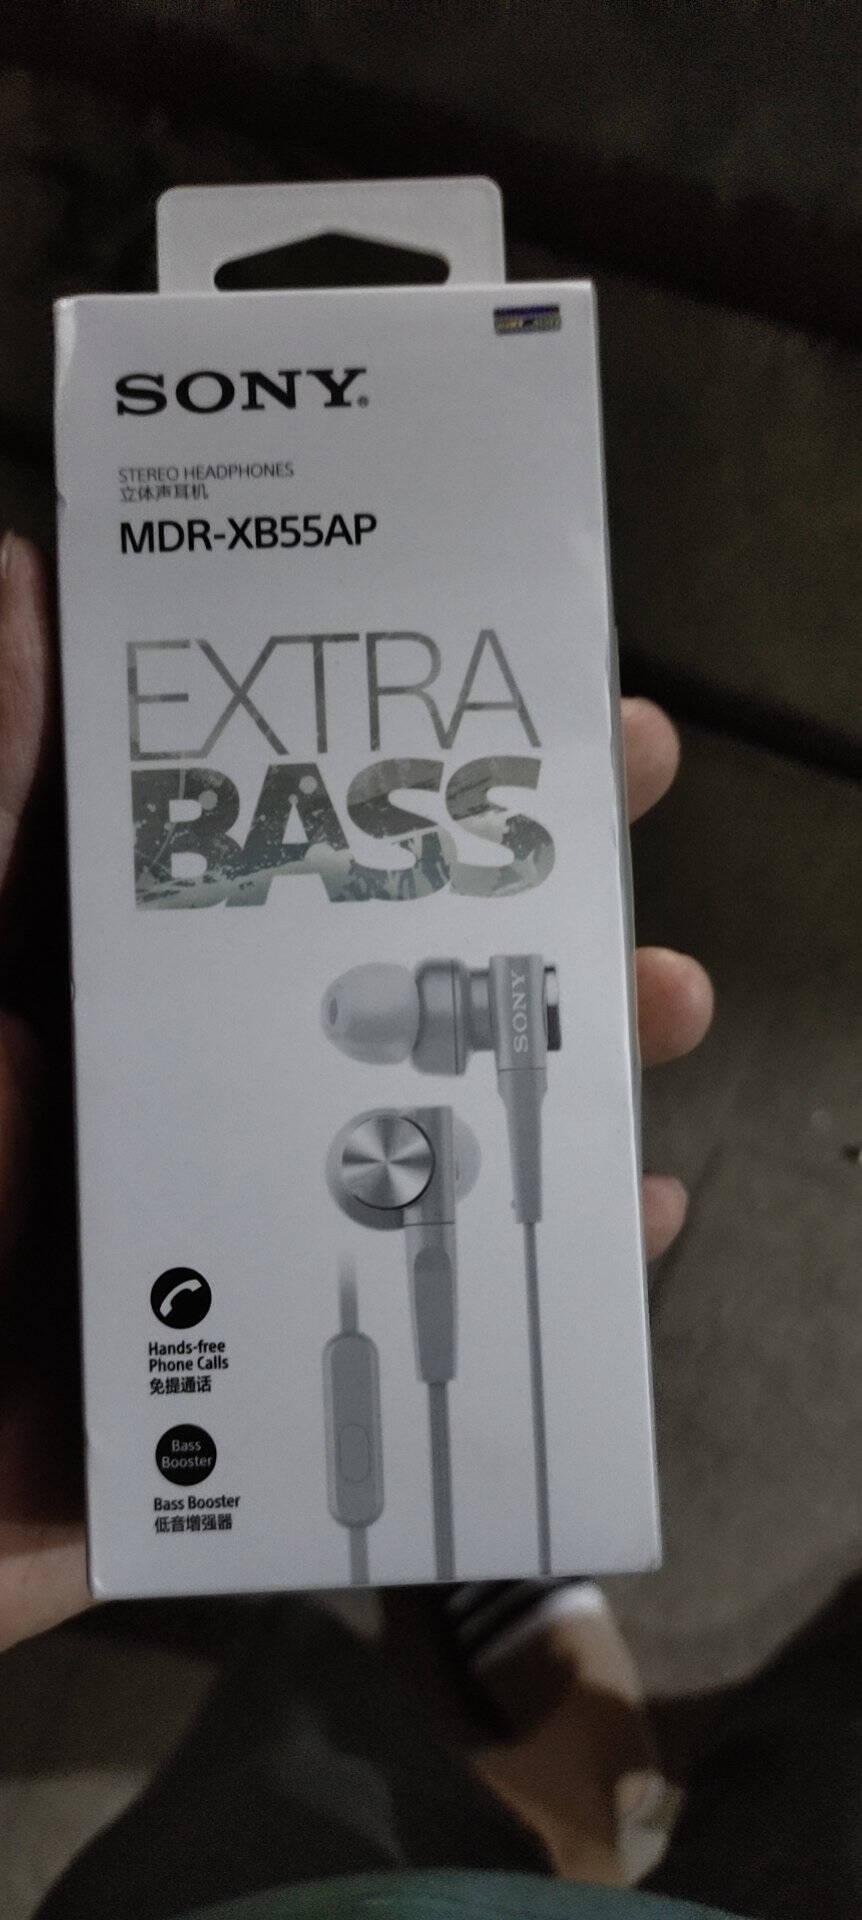 索尼(SONY)重低音立体声耳机MDR-XB55AP黑色